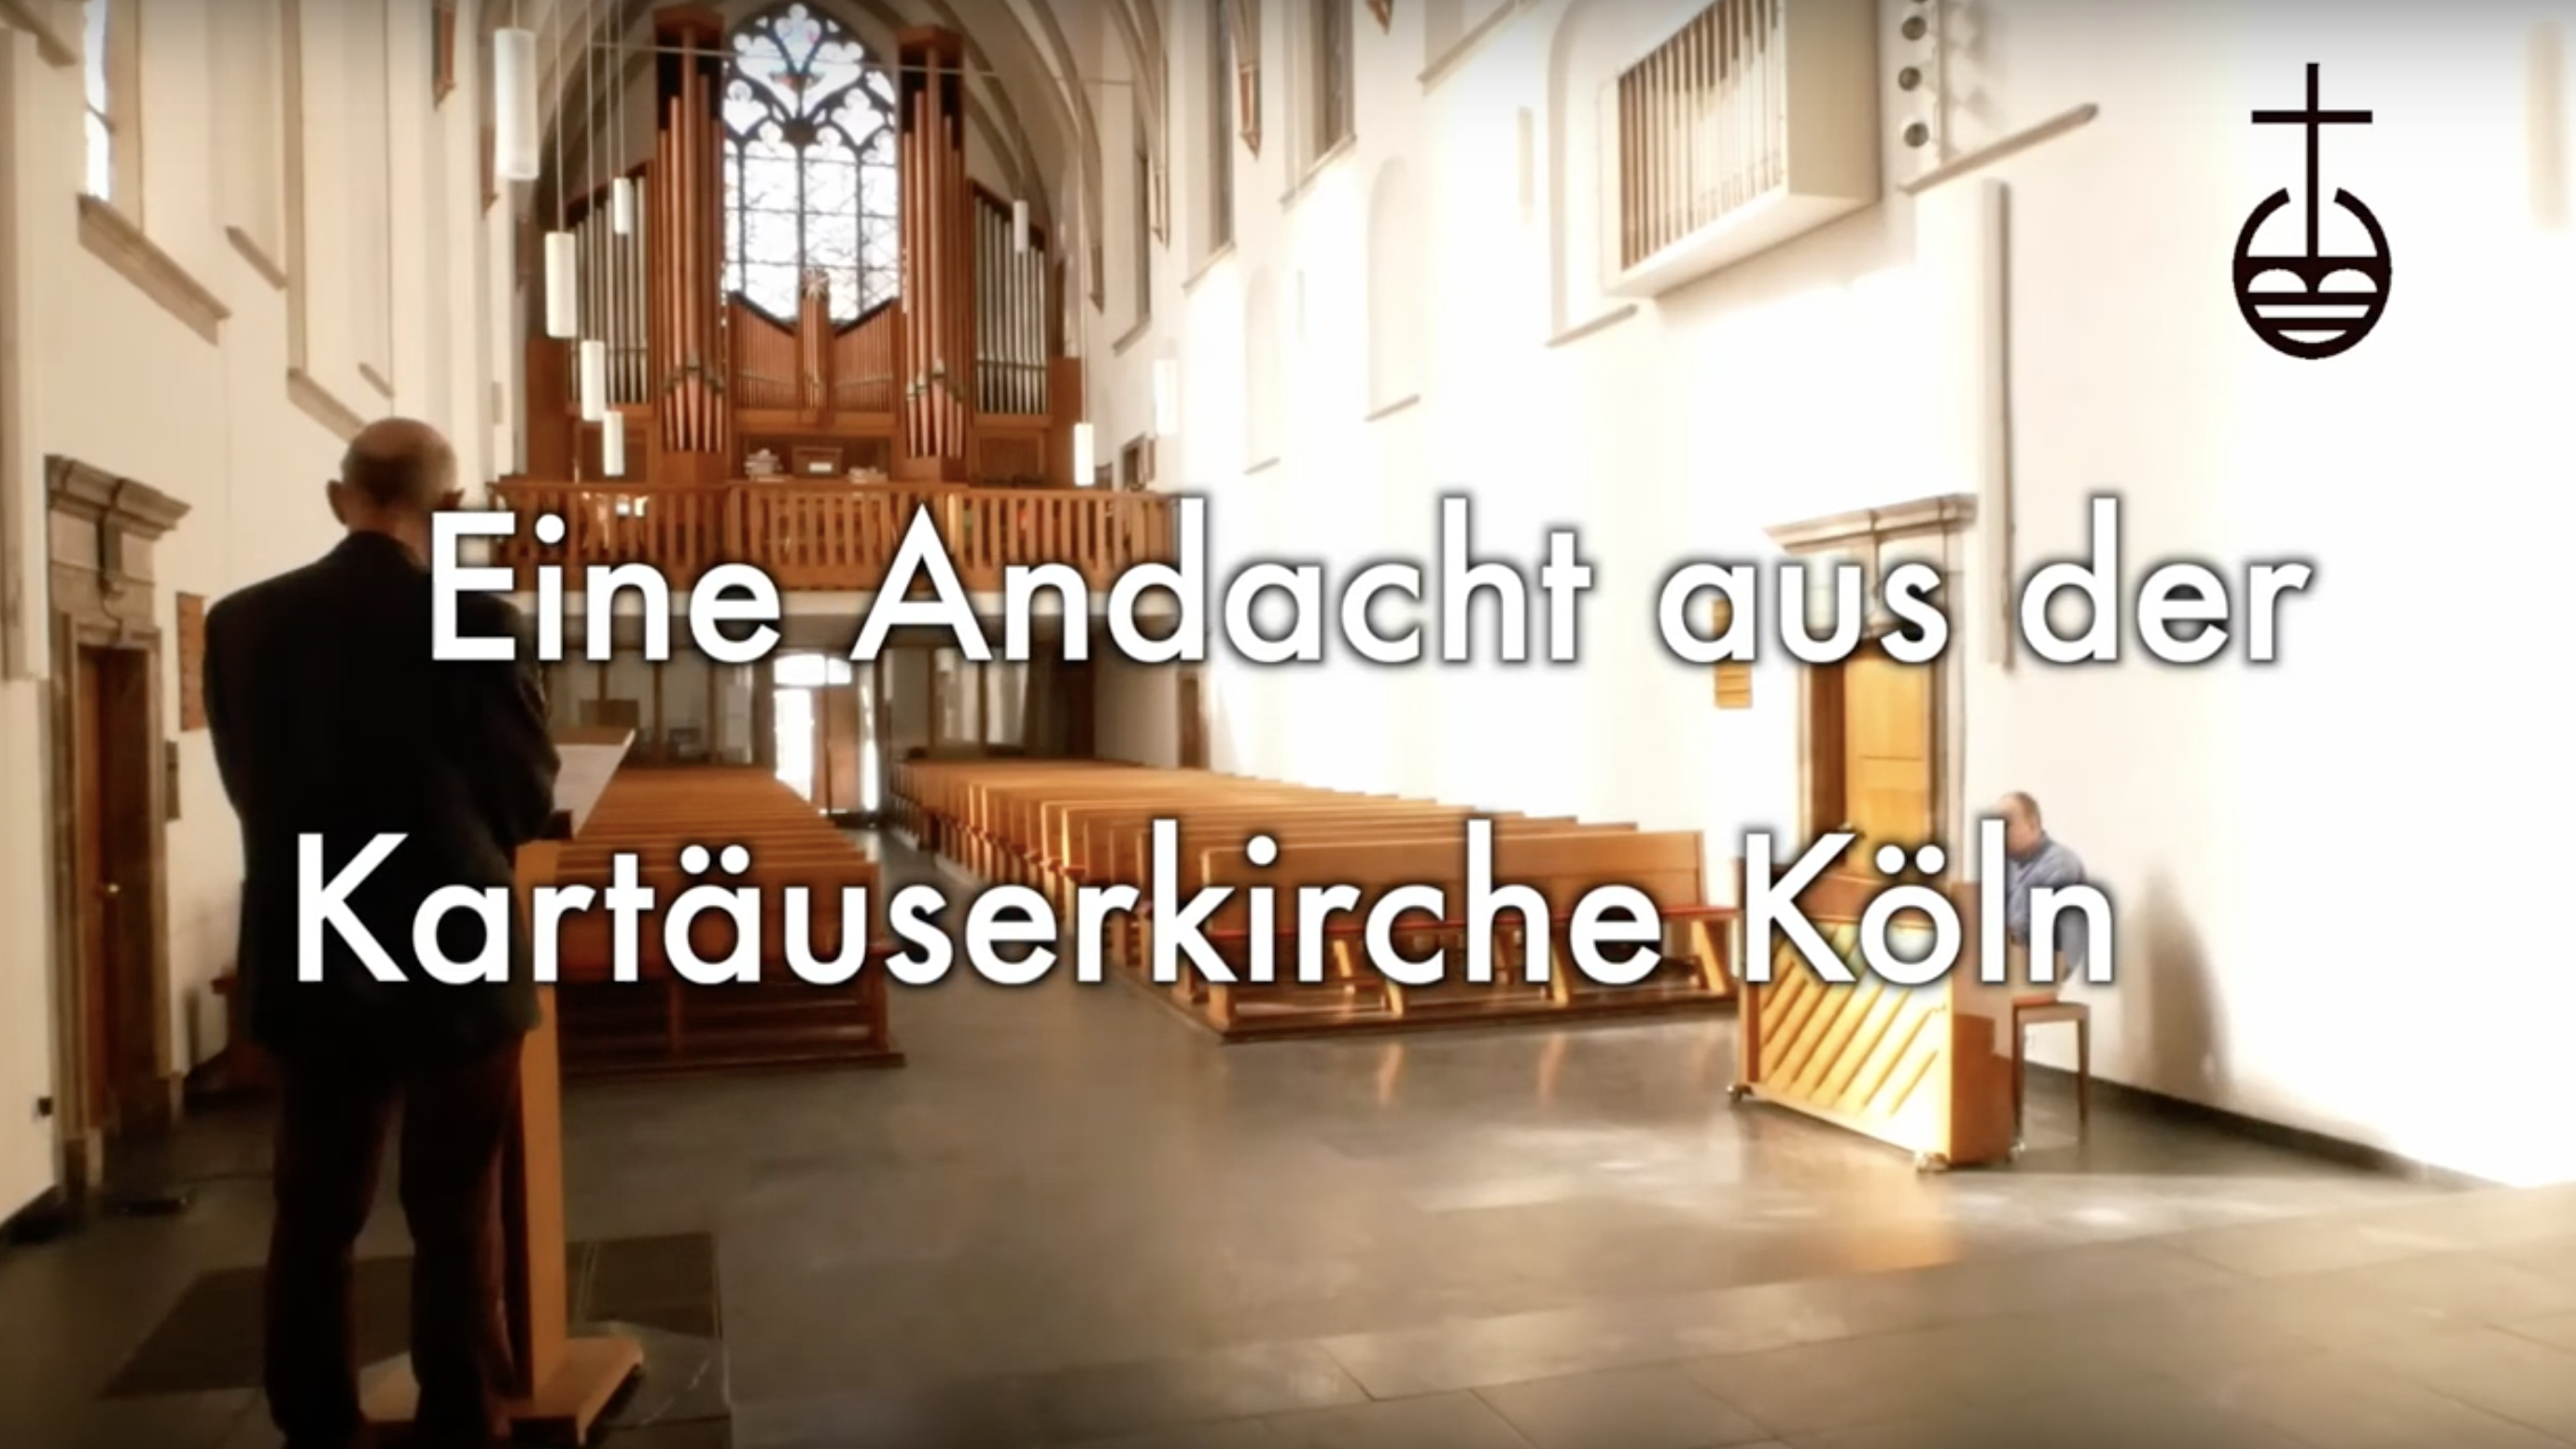 """""""laetare"""" – Eine Andacht aus der Kartäuserkirche Köln von Pfarrer Mathias Bonhoeffer"""